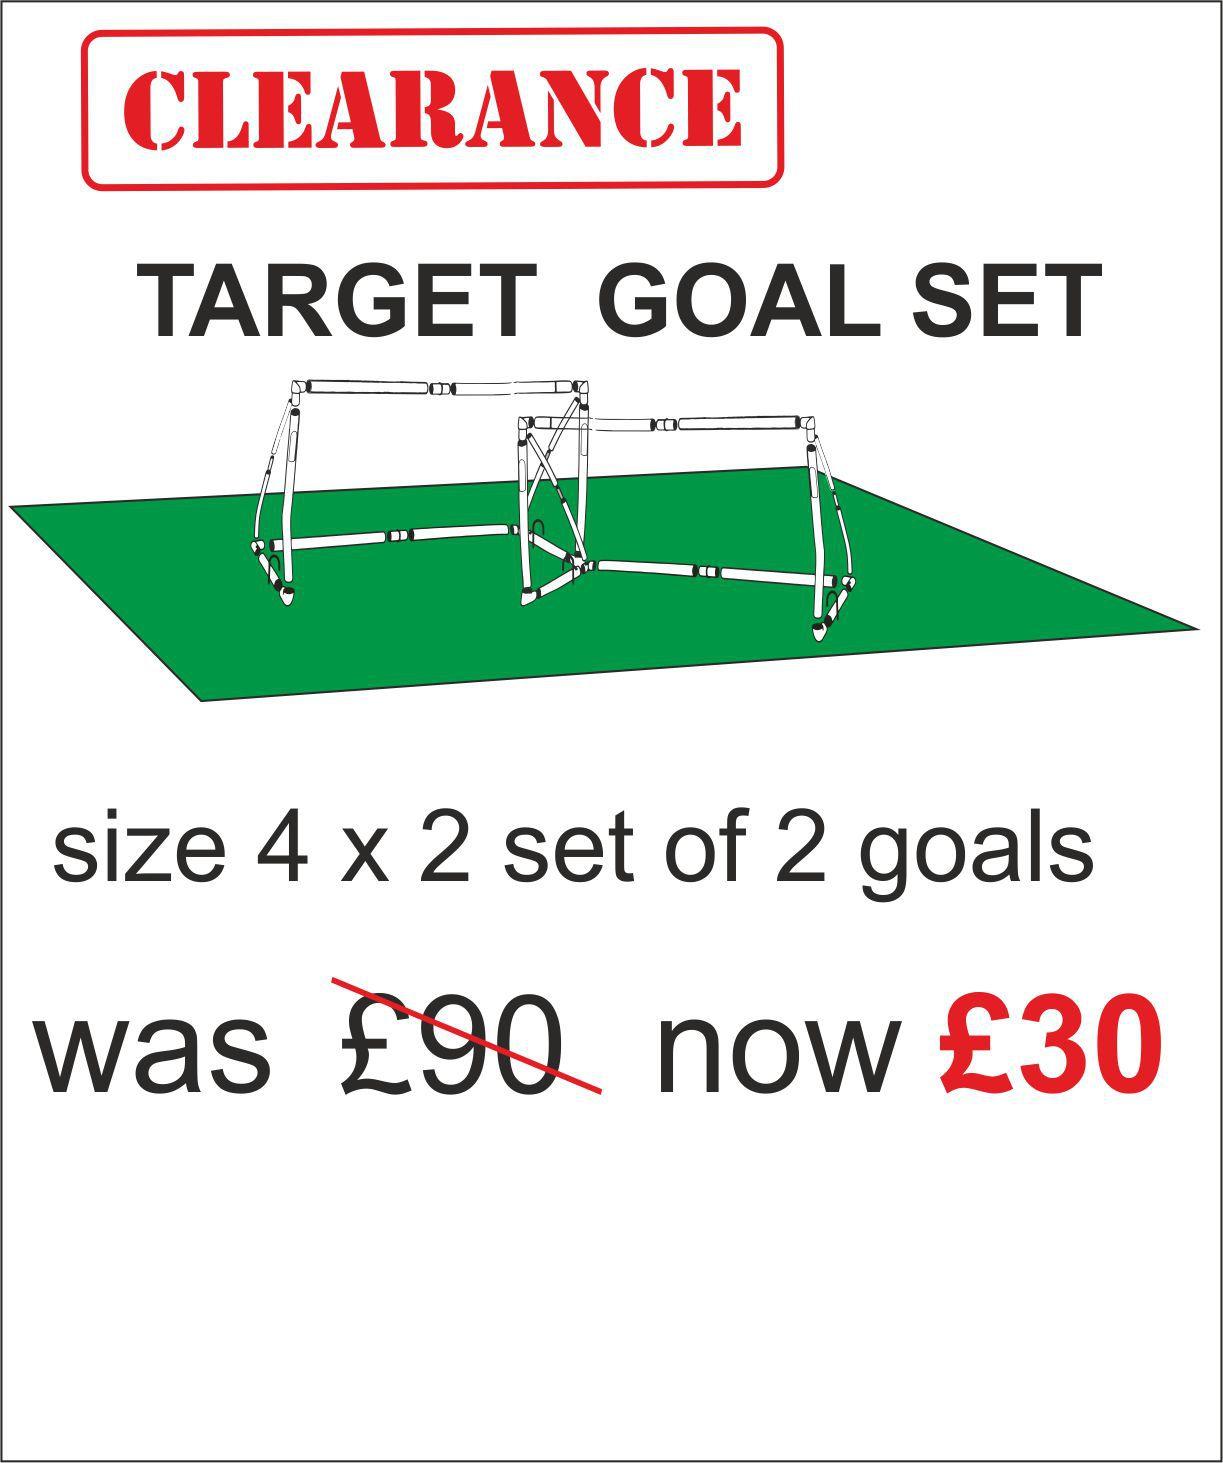 Target Goal Image